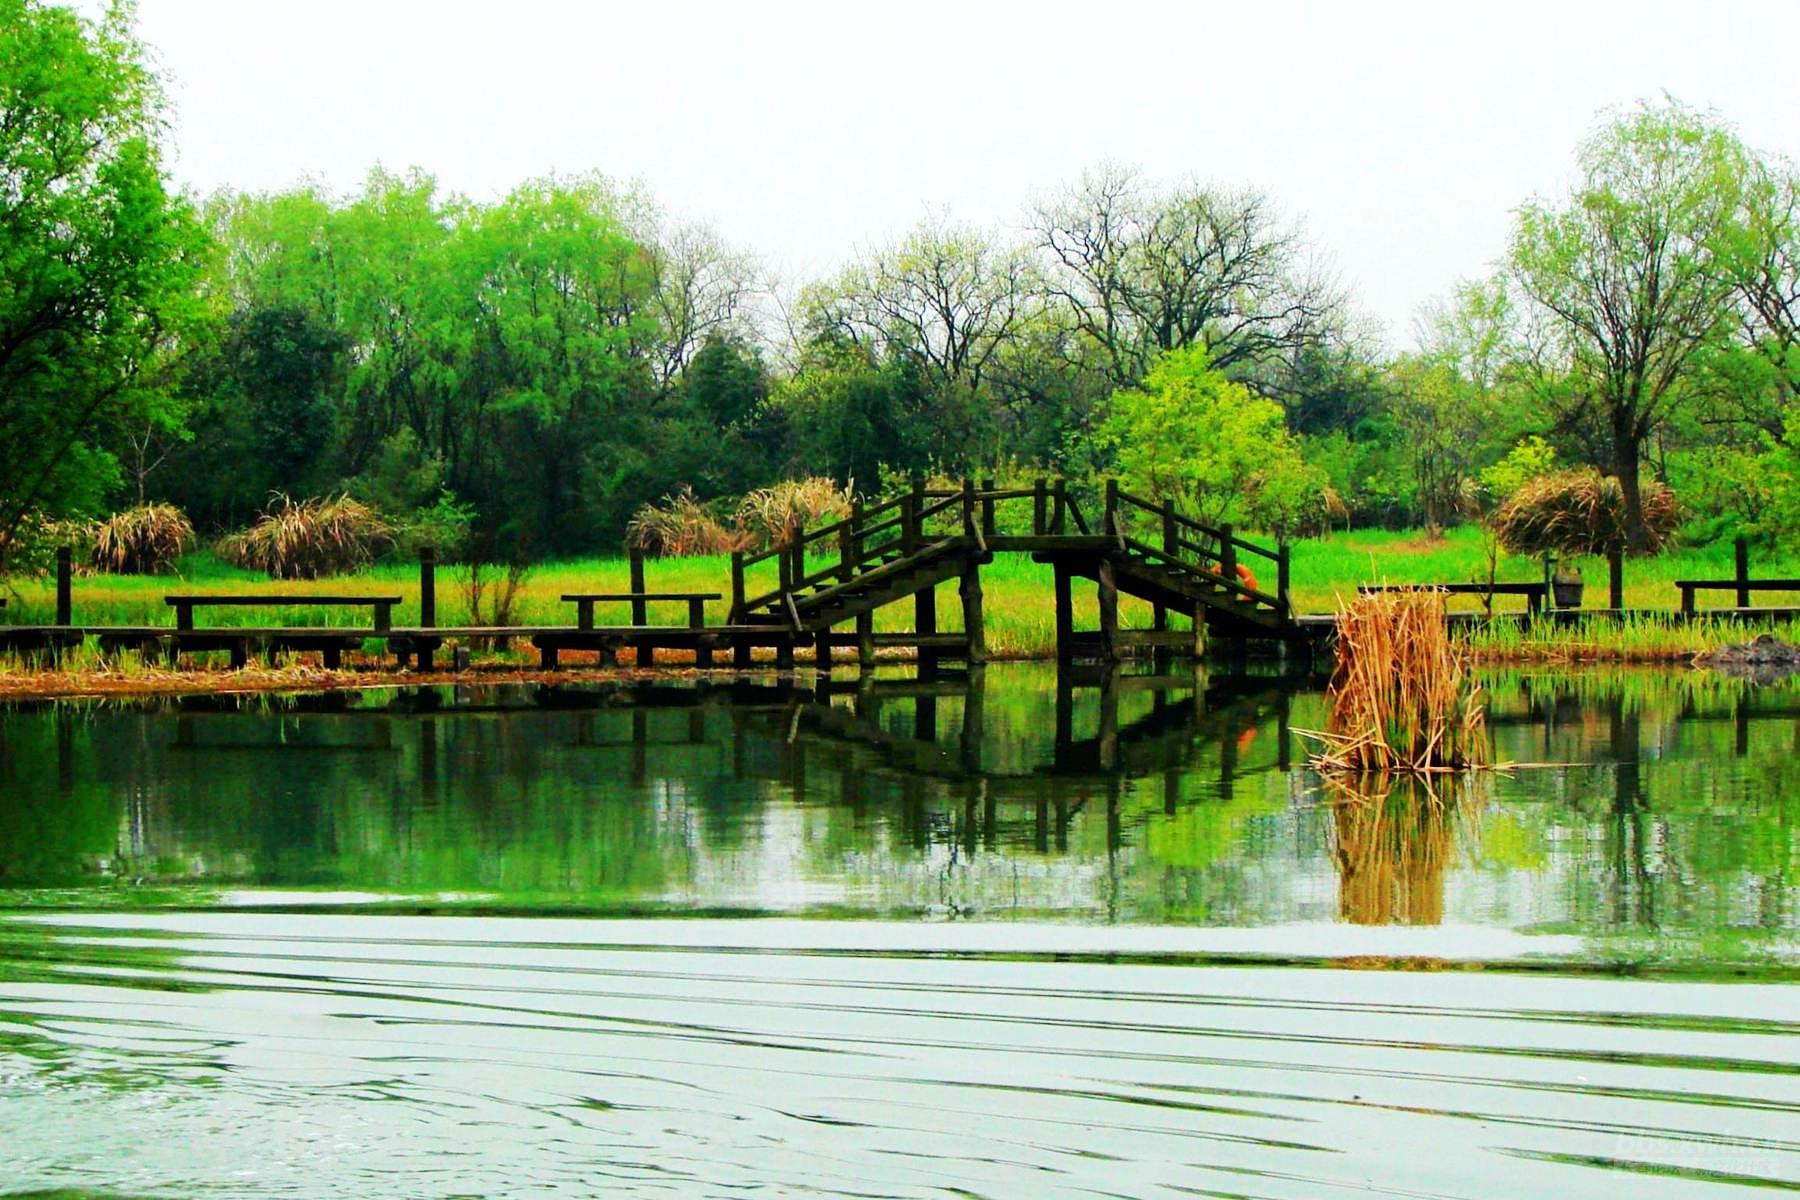 首页 ppt背景 风景ppt背景图片 > 西溪湿地ppt背景图片  下载地址